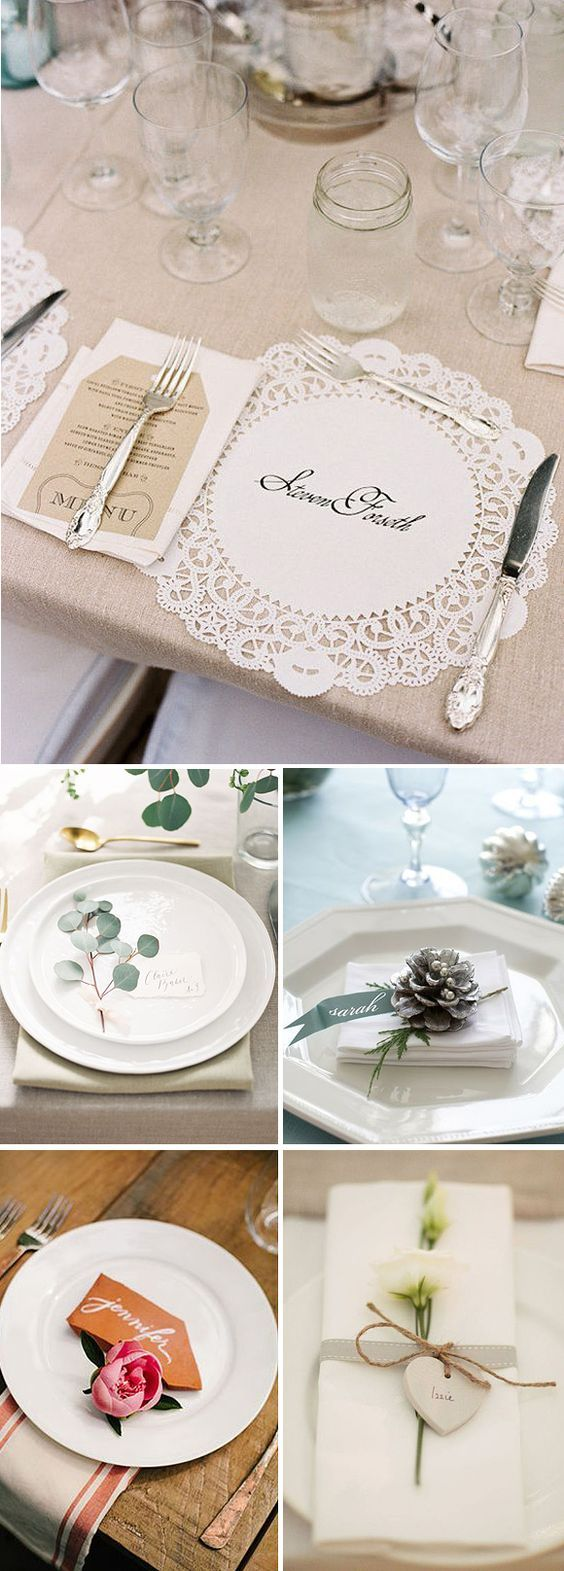 Ideas para decorar los platos de los invitados en las bodas